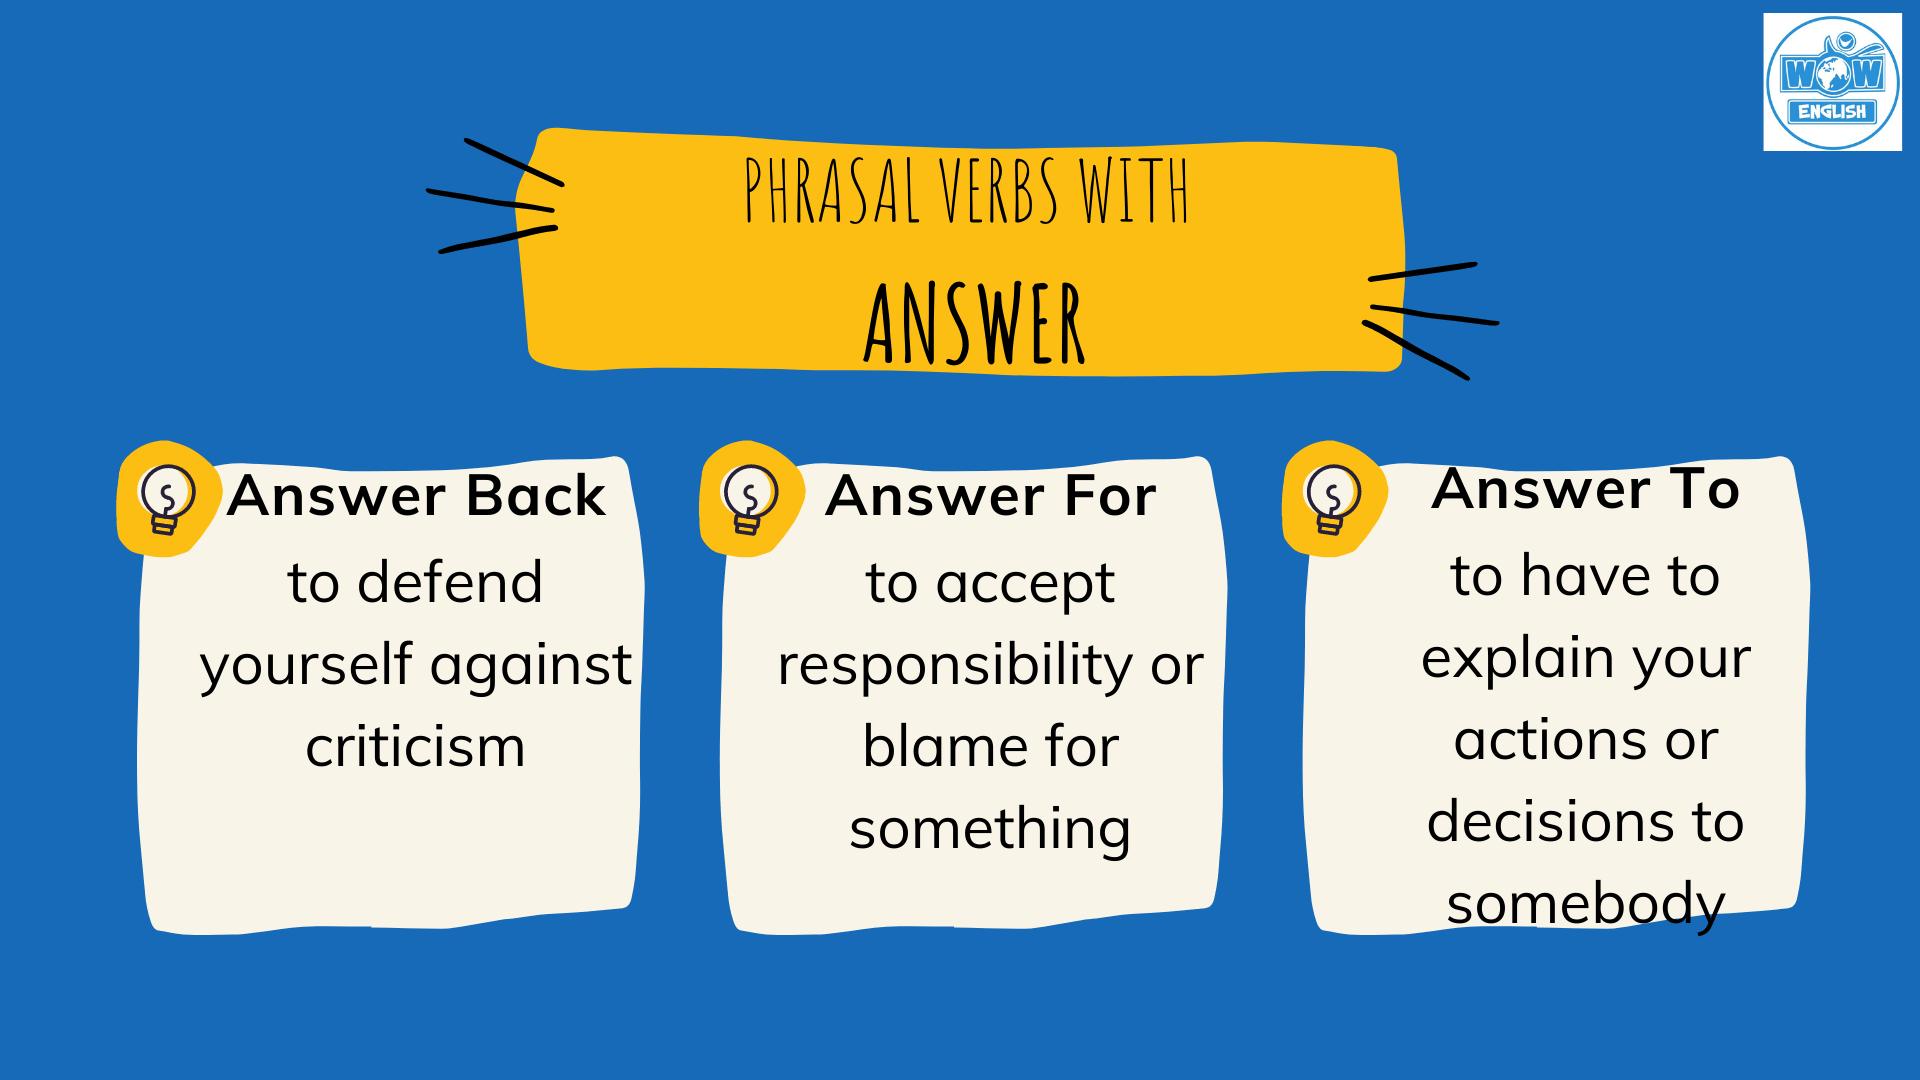 Answer đi với giới từ gì